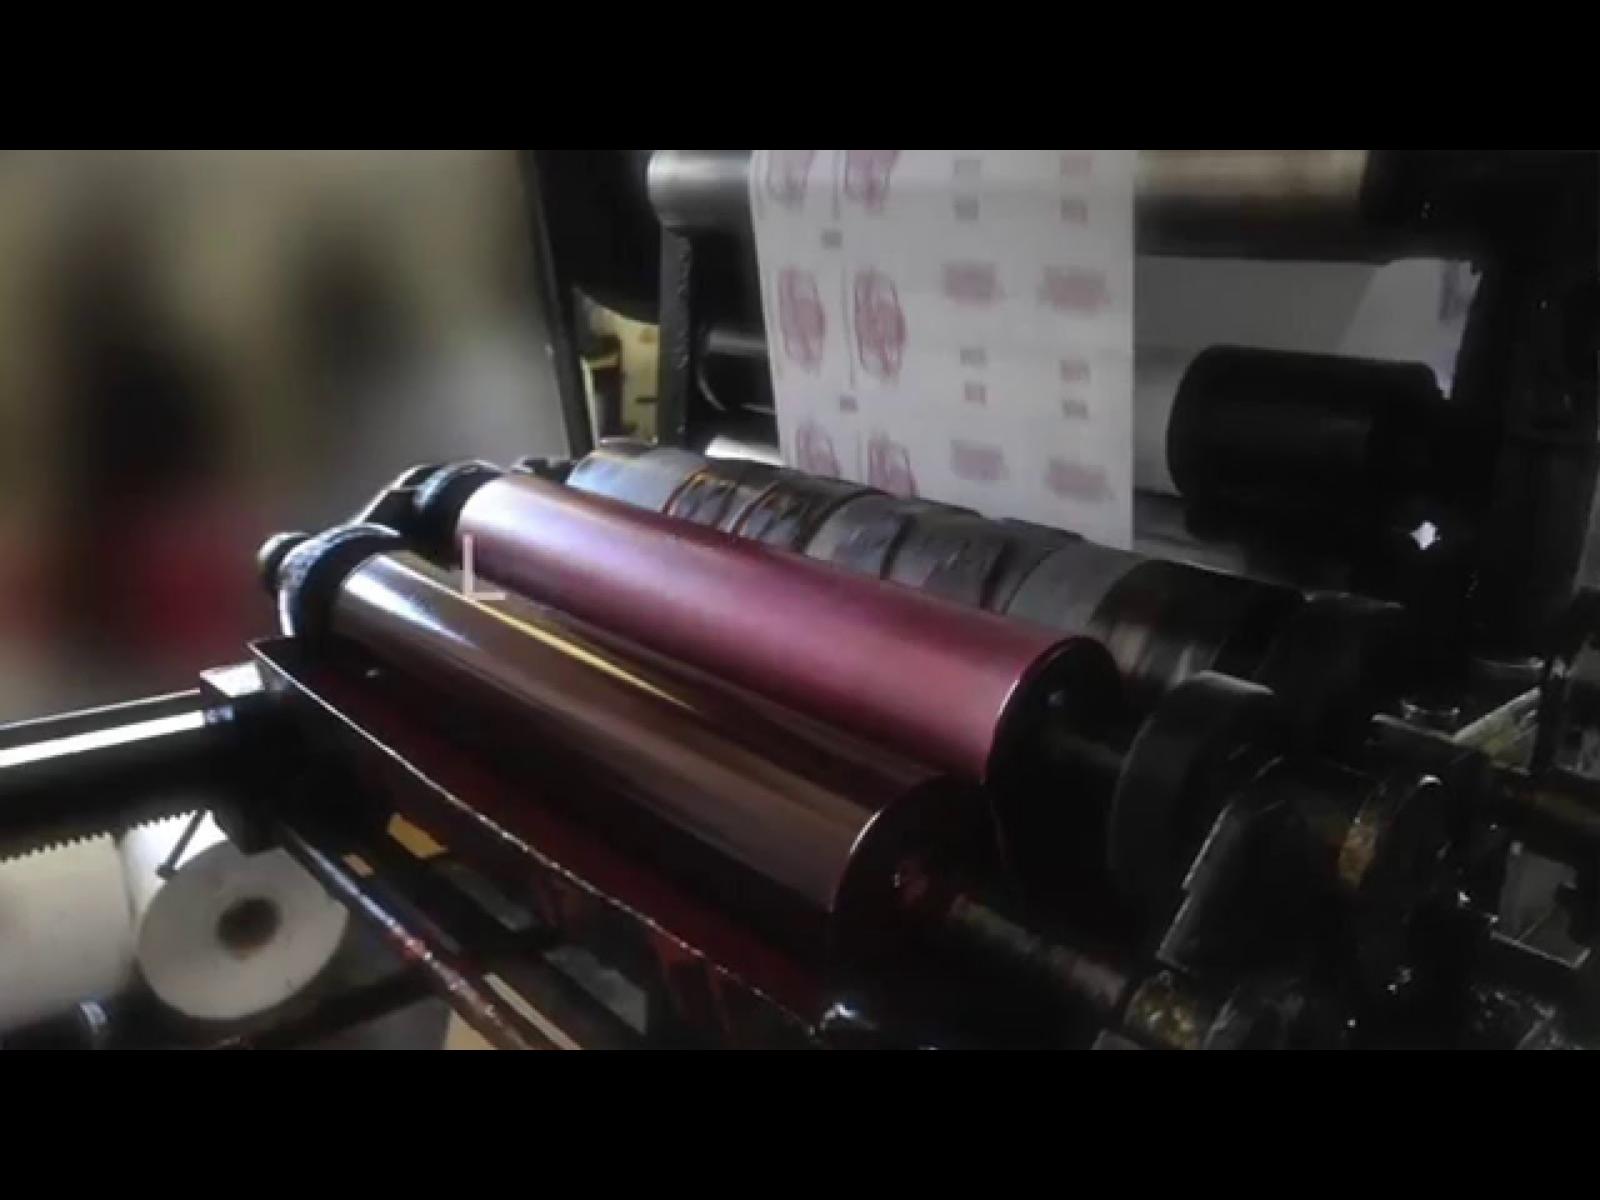 ETENFLEX 2016 Impresión materiales flexibles en Madrid. Etiquetas adhesivas en Madrid